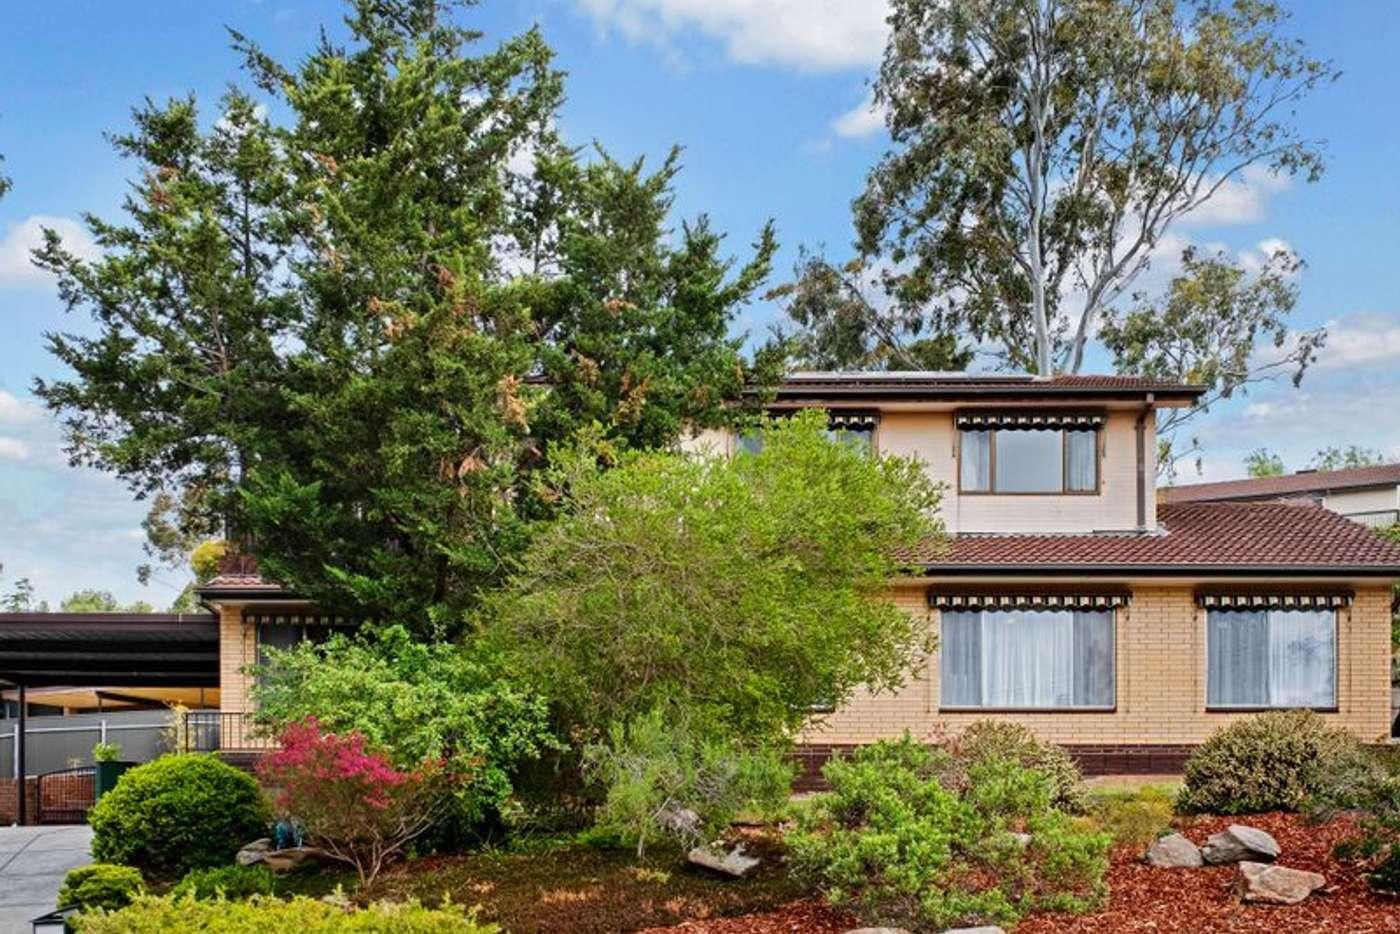 Main view of Homely house listing, 2 Kara Road, Seaview Downs SA 5049